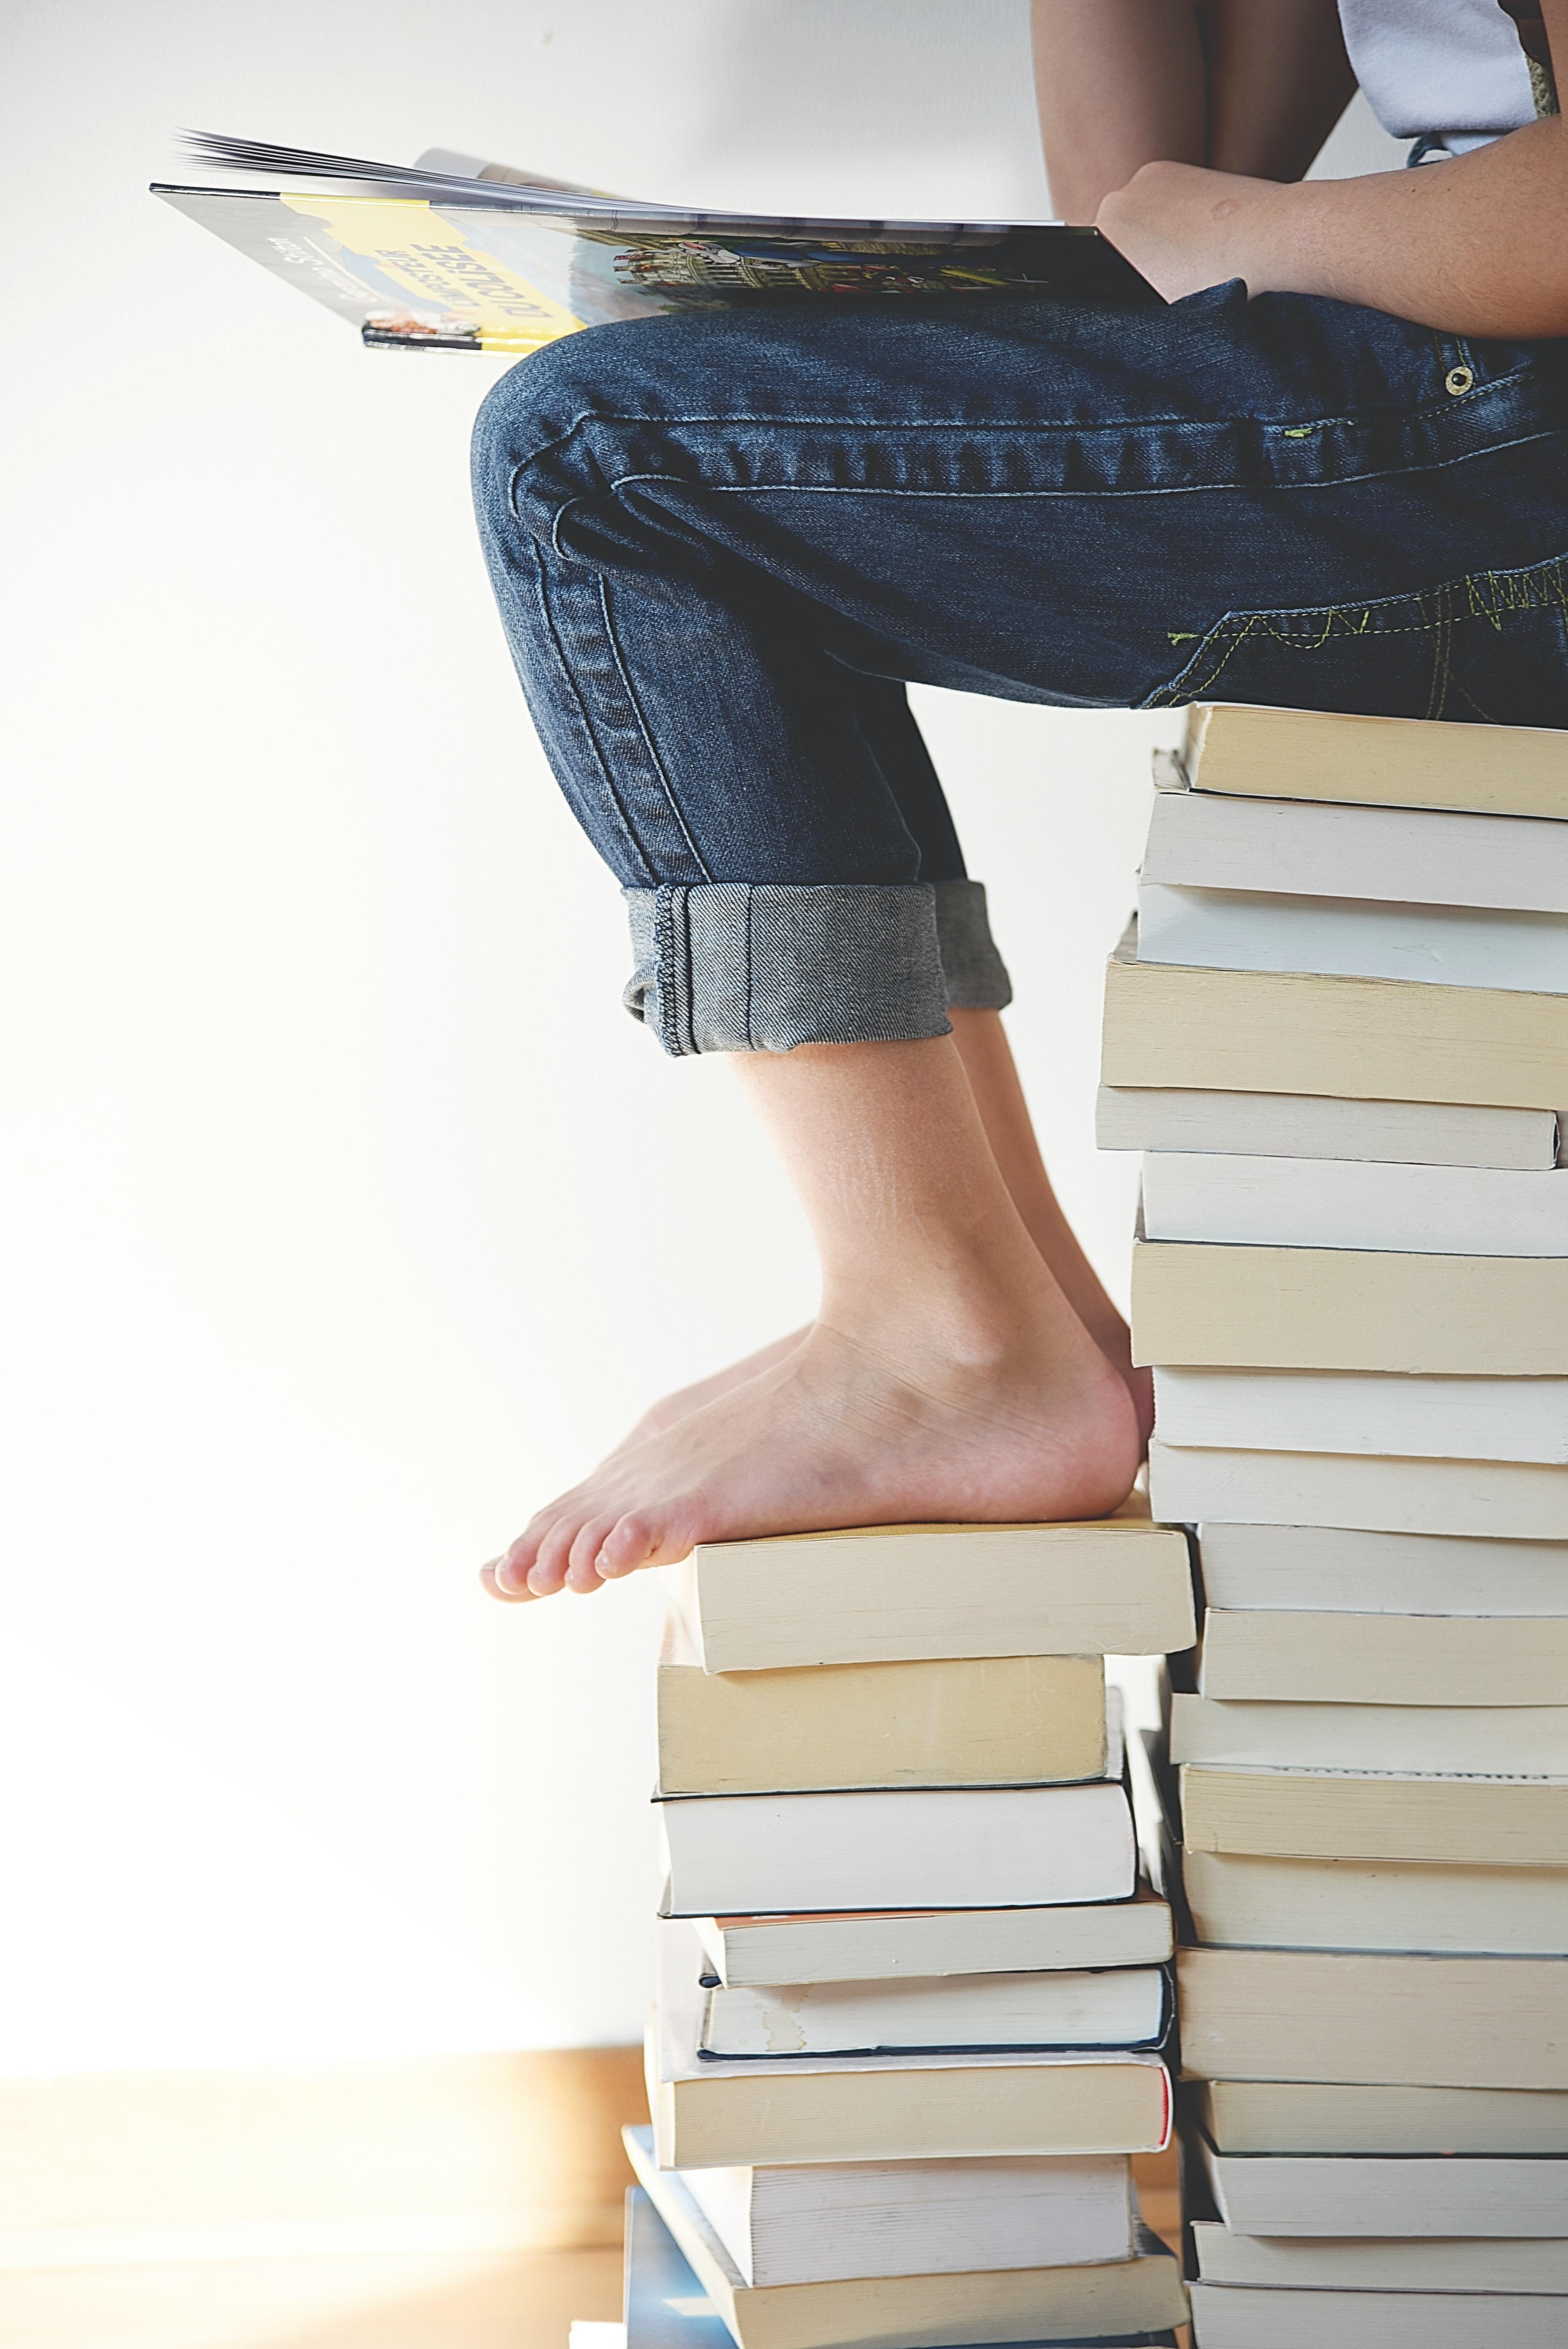 вебинар «Почему нельзя учить слова?» Марии Ковиной-Горелик   проект How to Know How о бережном изучении английского языка